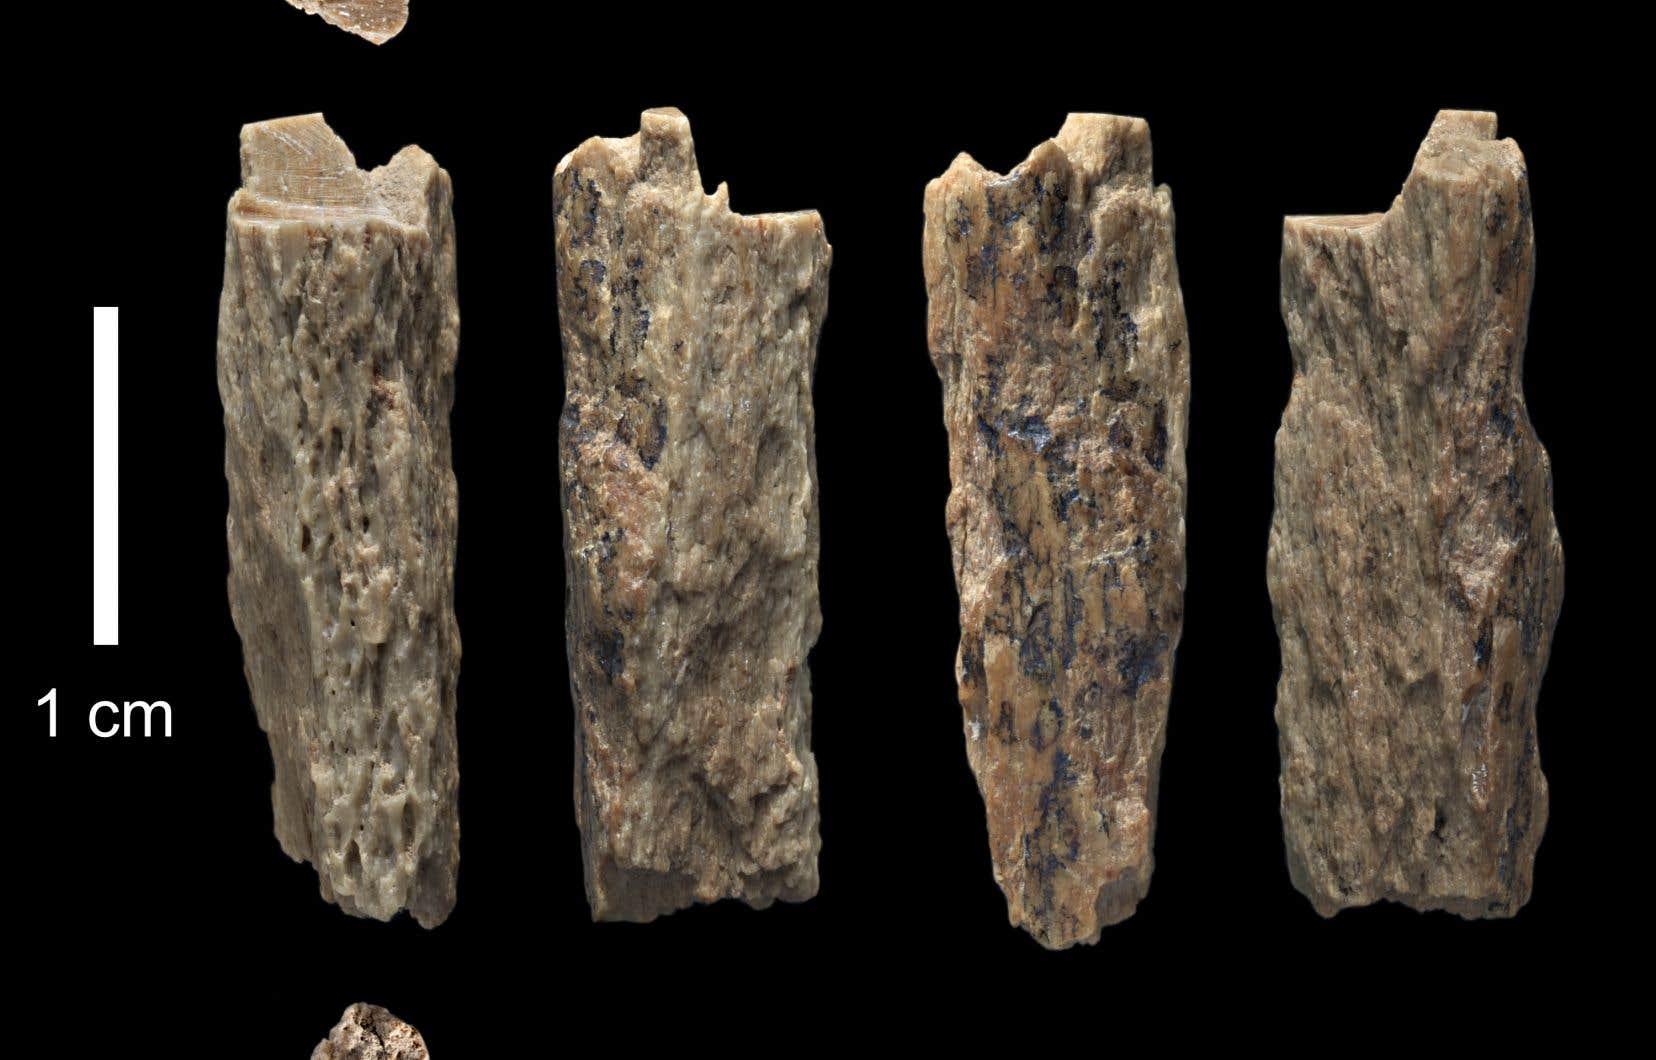 L'espèce a été identifiée en 2010 grâce à l'analyse de l'ADN ancien d'un petit os de doigt trouvé dans la grotte de Denisova, dans l'Altaï (Russie).